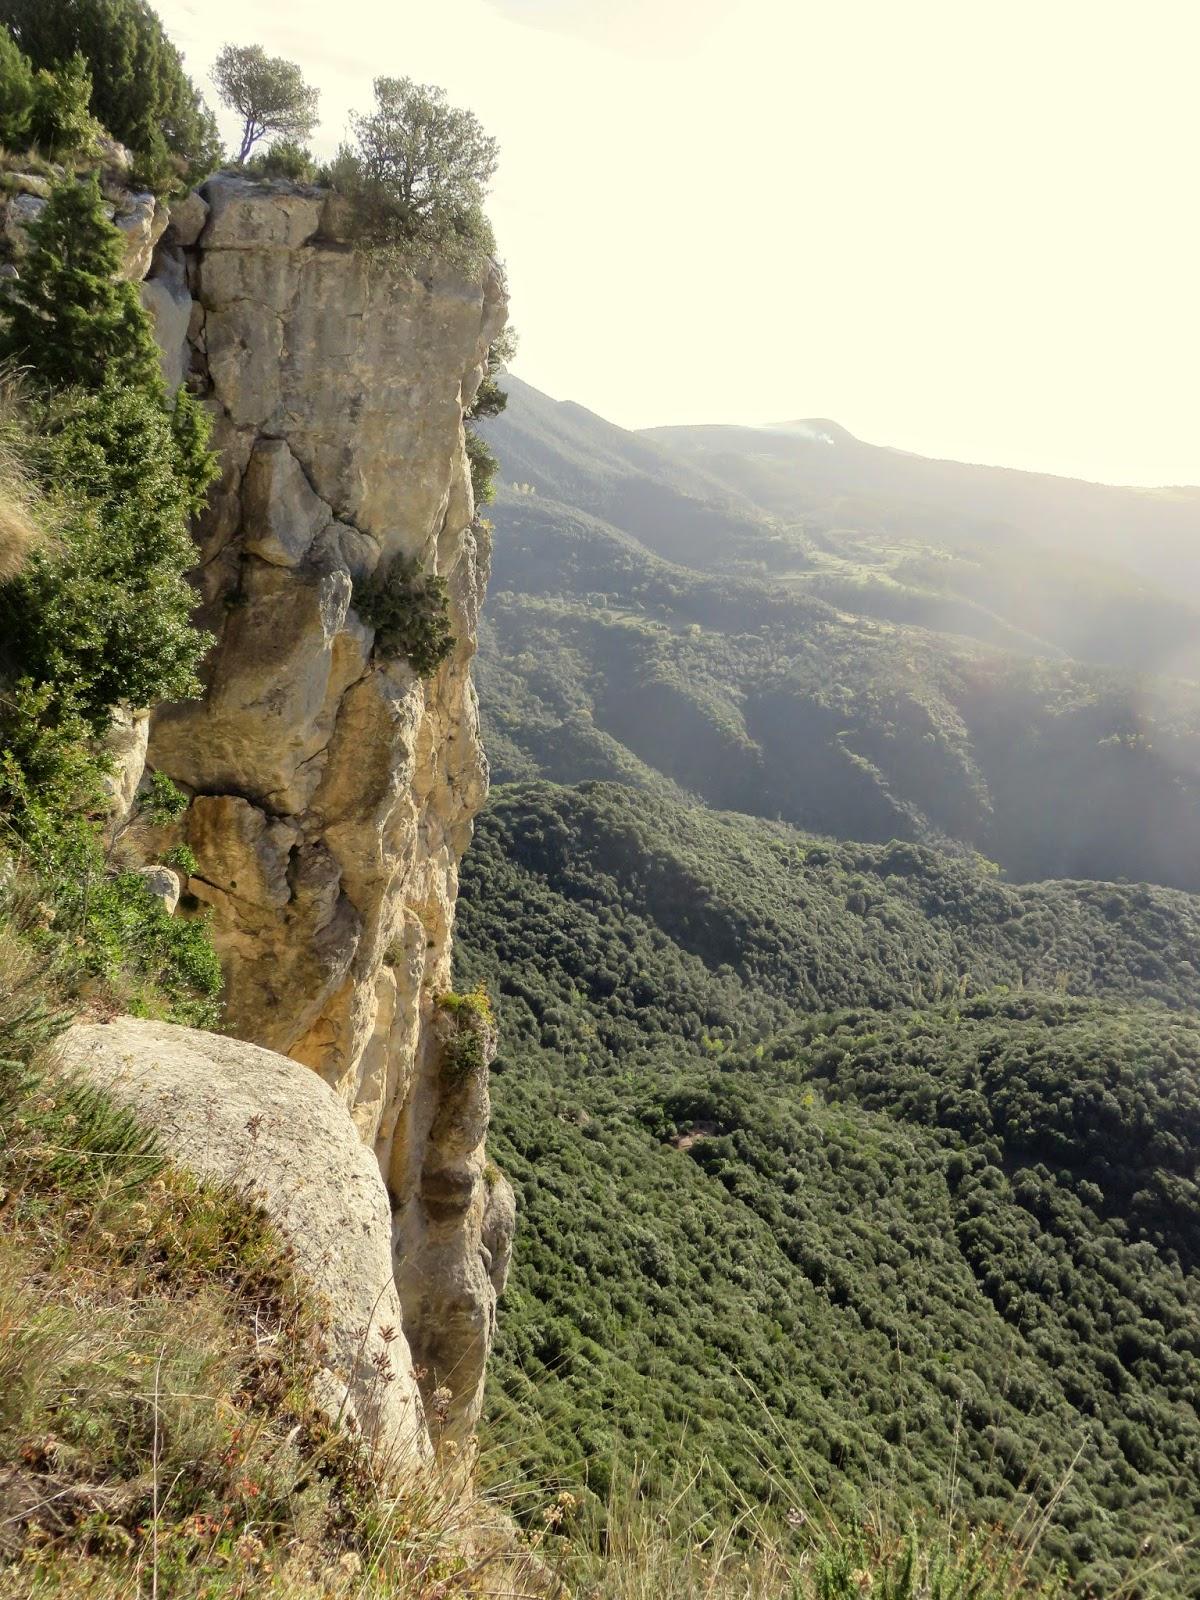 RUPIT - SALT DE SALLENT - SUSQUEDA - SANT JOAN DE FABREGUES